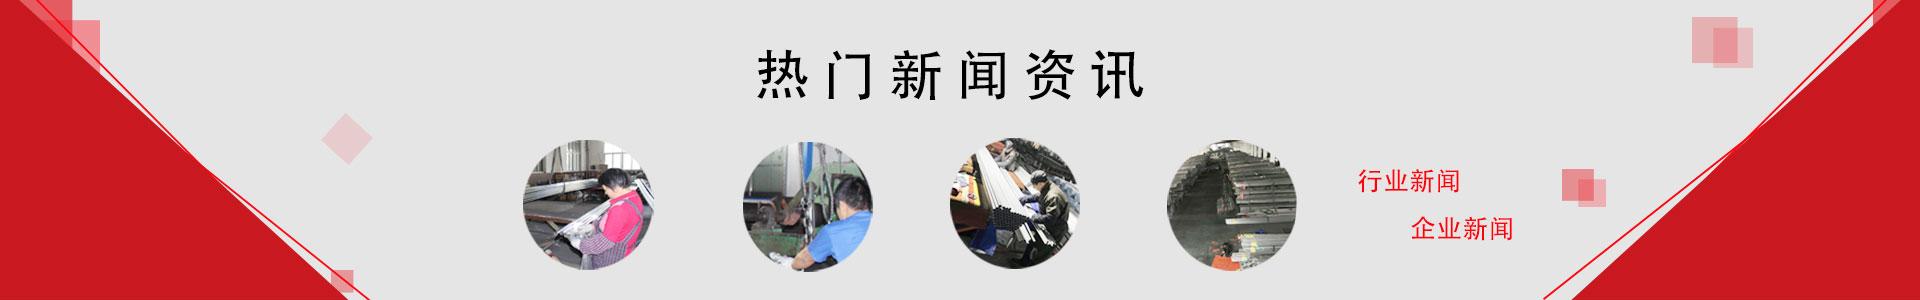 江苏橙子vr视频app下载动物与人性行视频大全有限公司